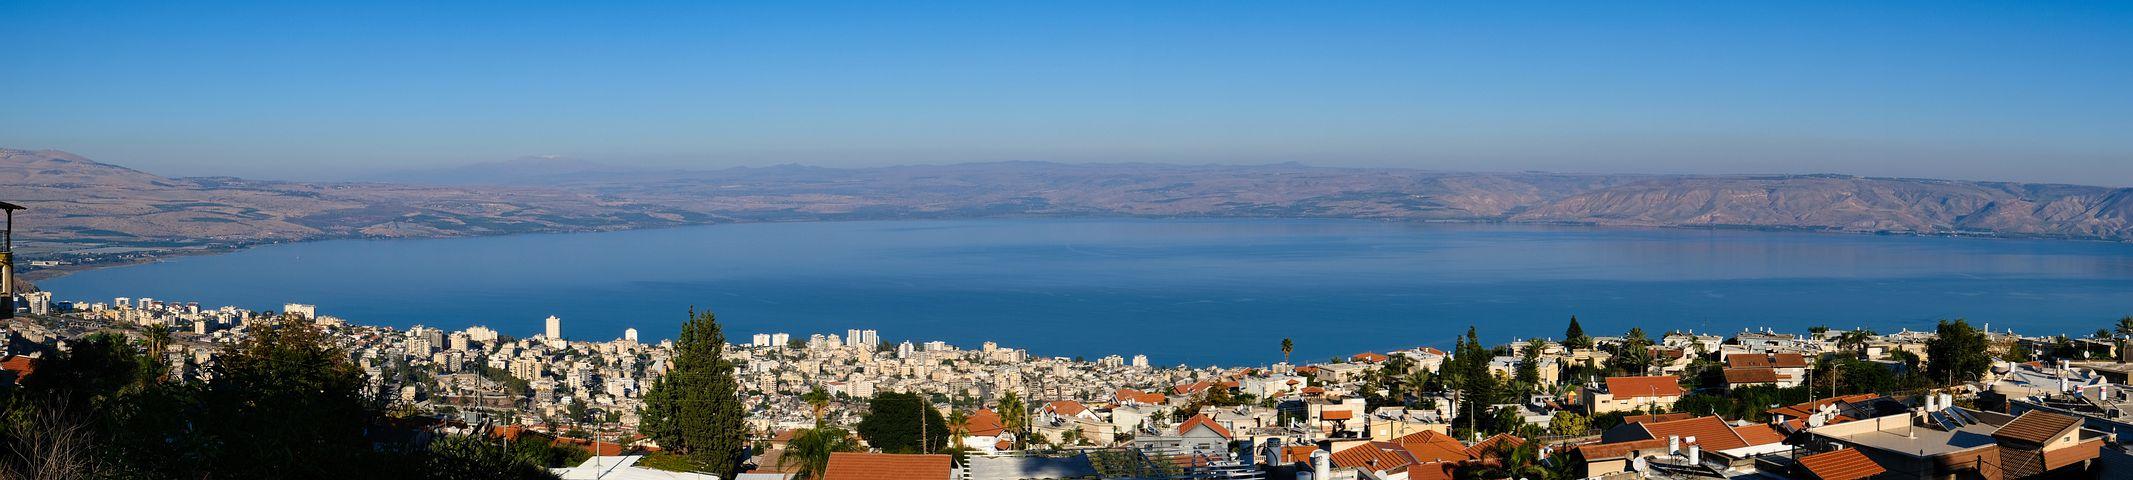 Revel in the Beauty of Tiberias